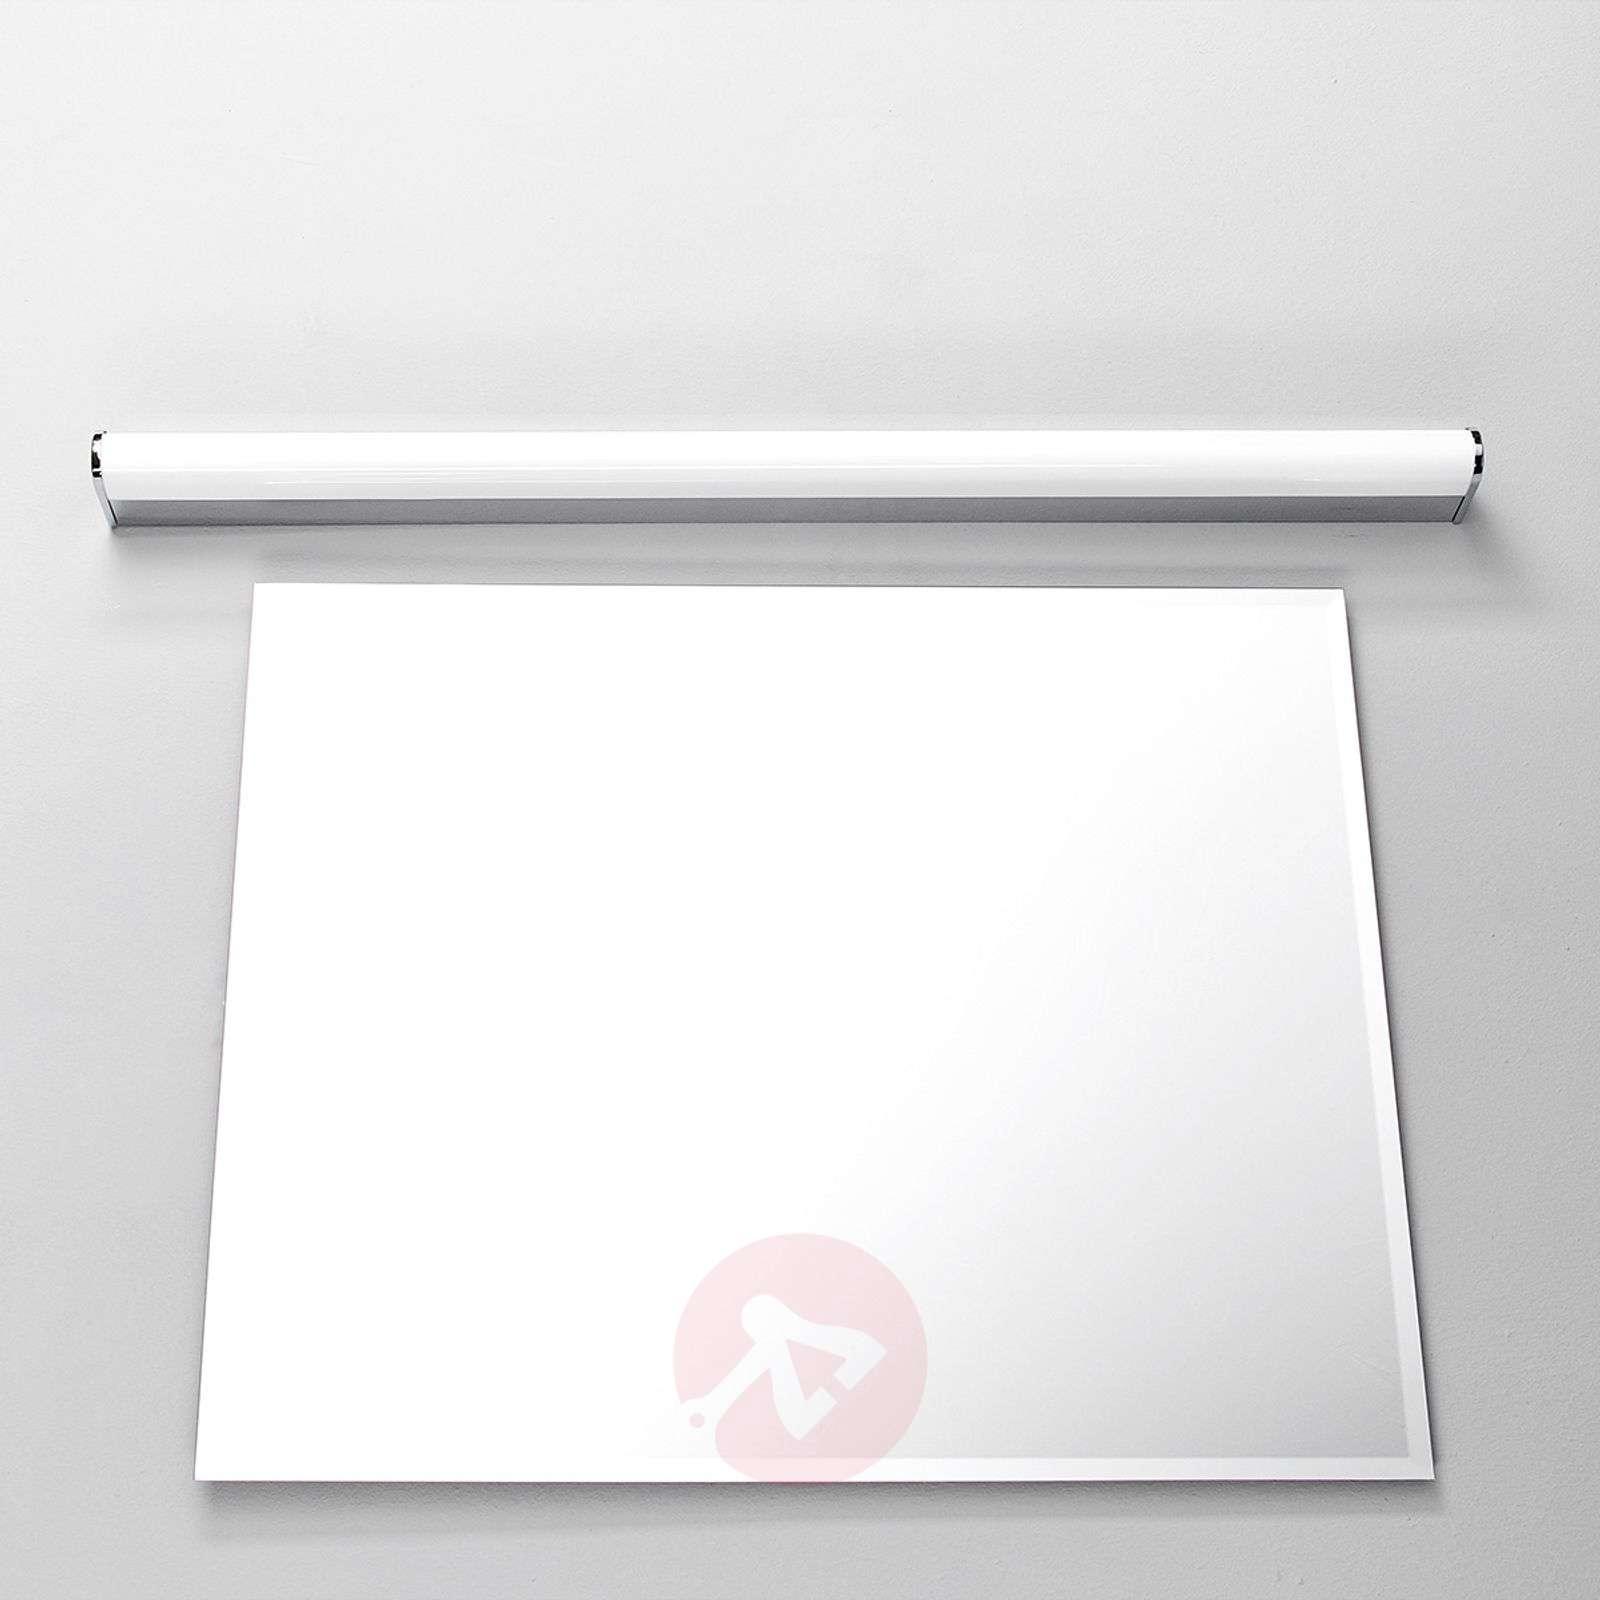 Led Bathroom Lights | Philippa Led Bathroom Light Semi Circular Lights Ie